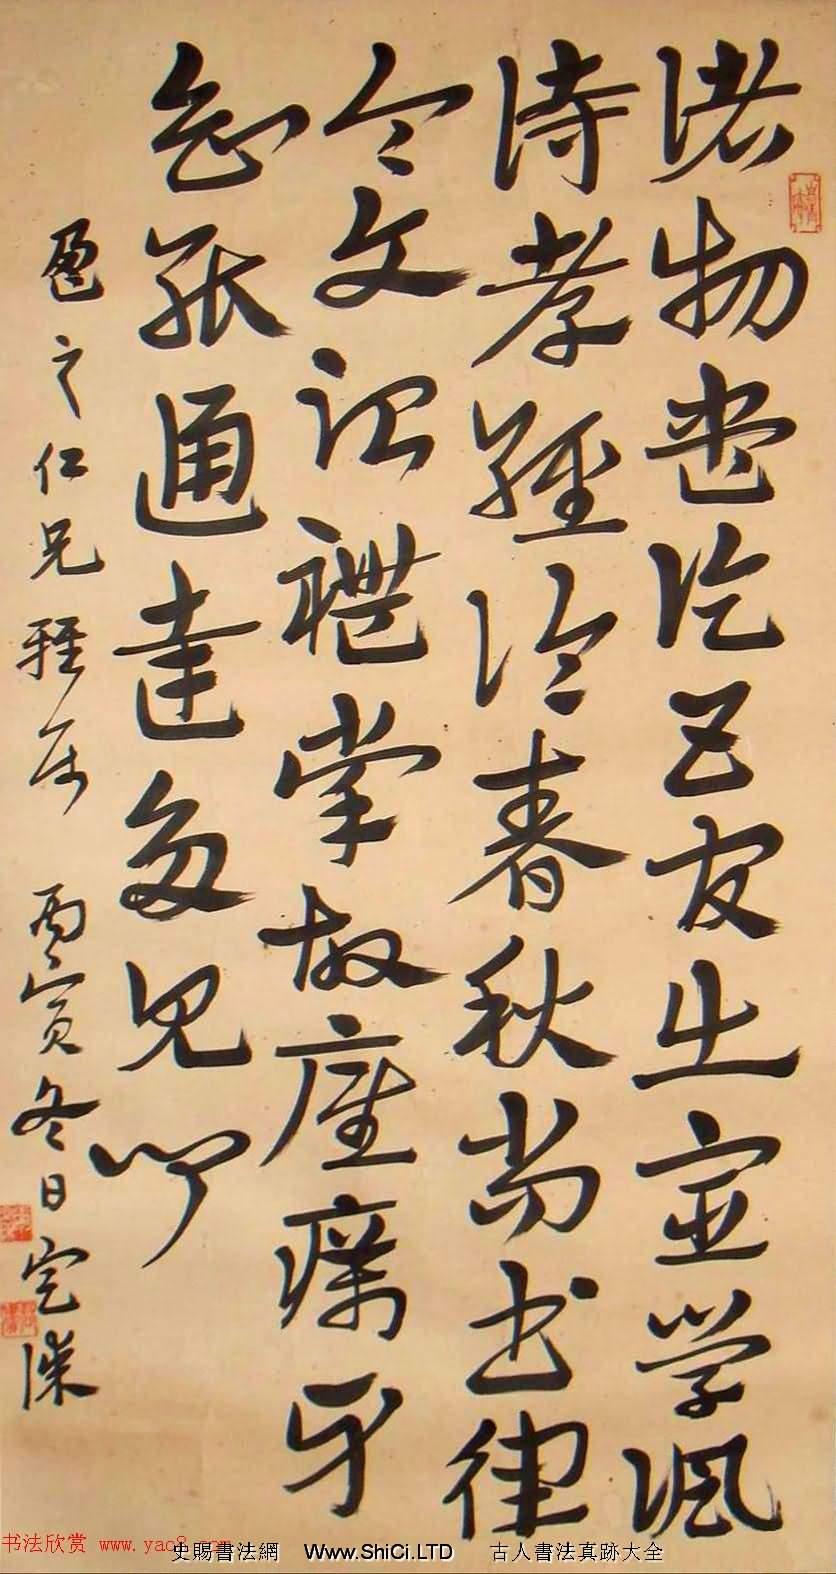 近代卓定謀章草書法作品真跡選刊(共7張圖片)